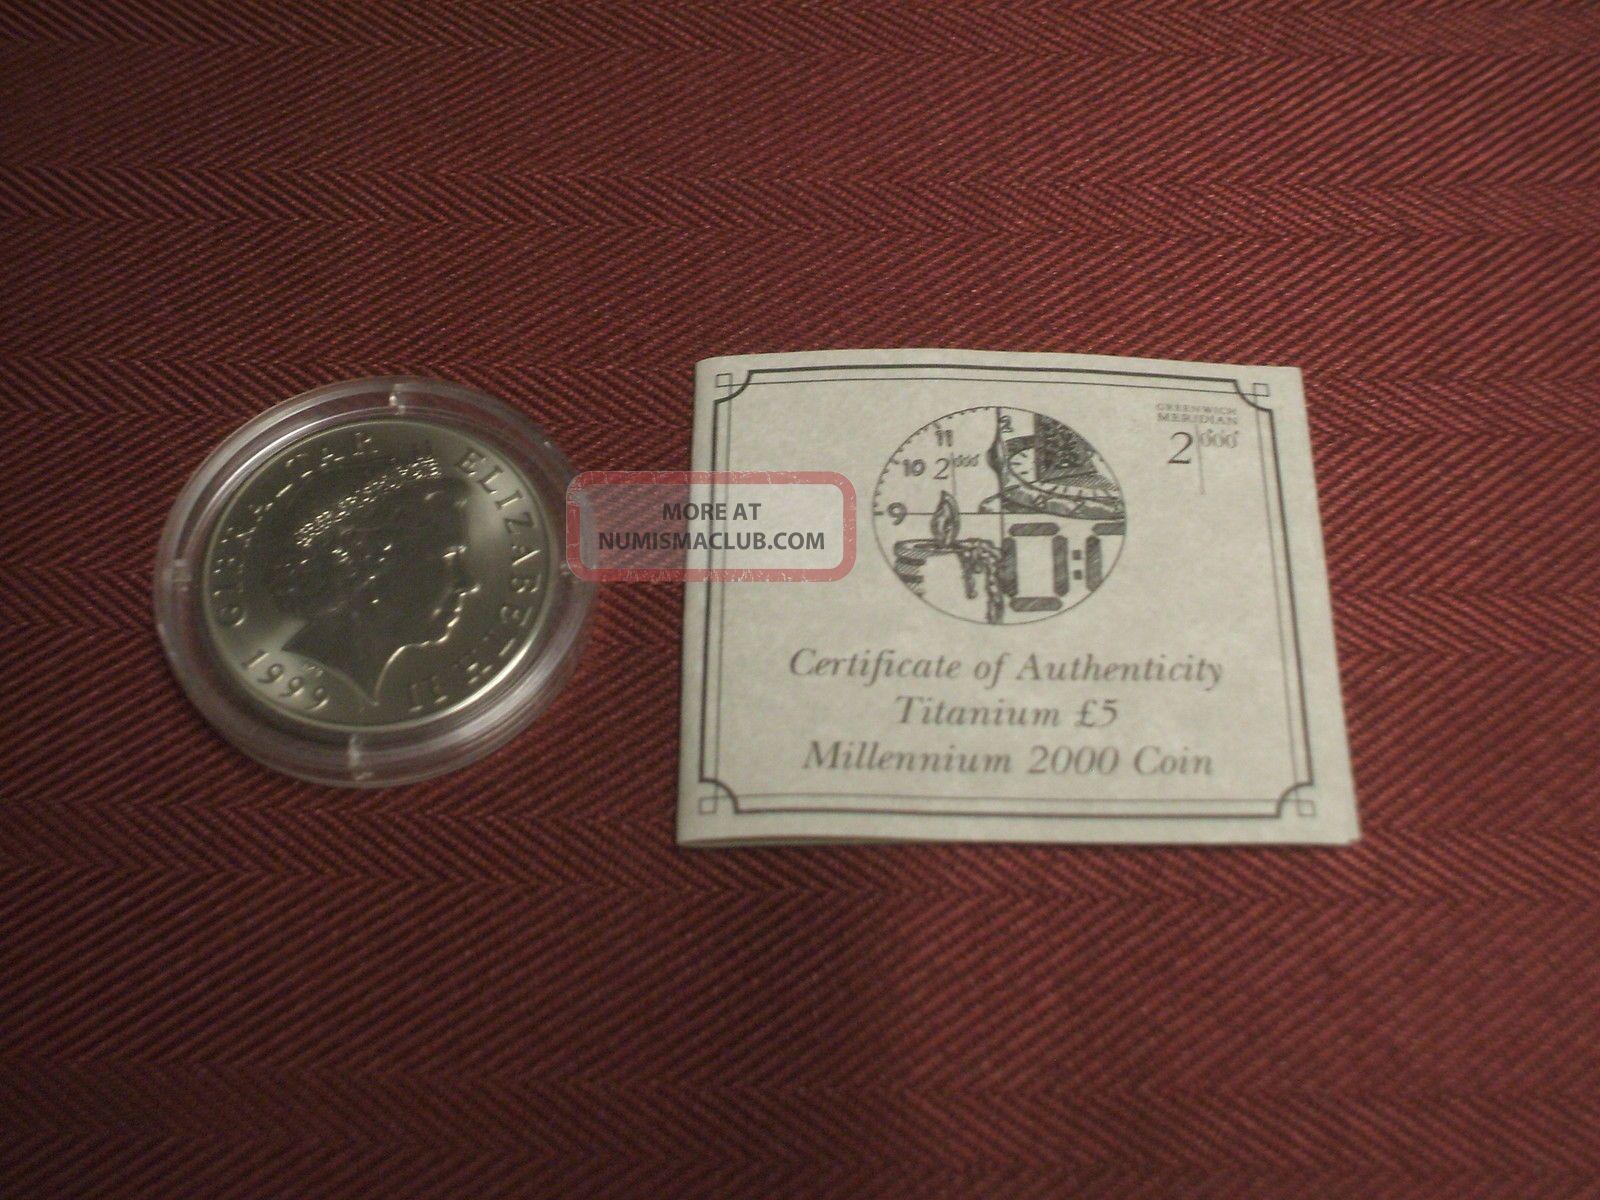 1999 Gibraltar Titanium 5 Pound Coin Millennium 2000 £5 Queen Elizabeth Time Europe photo